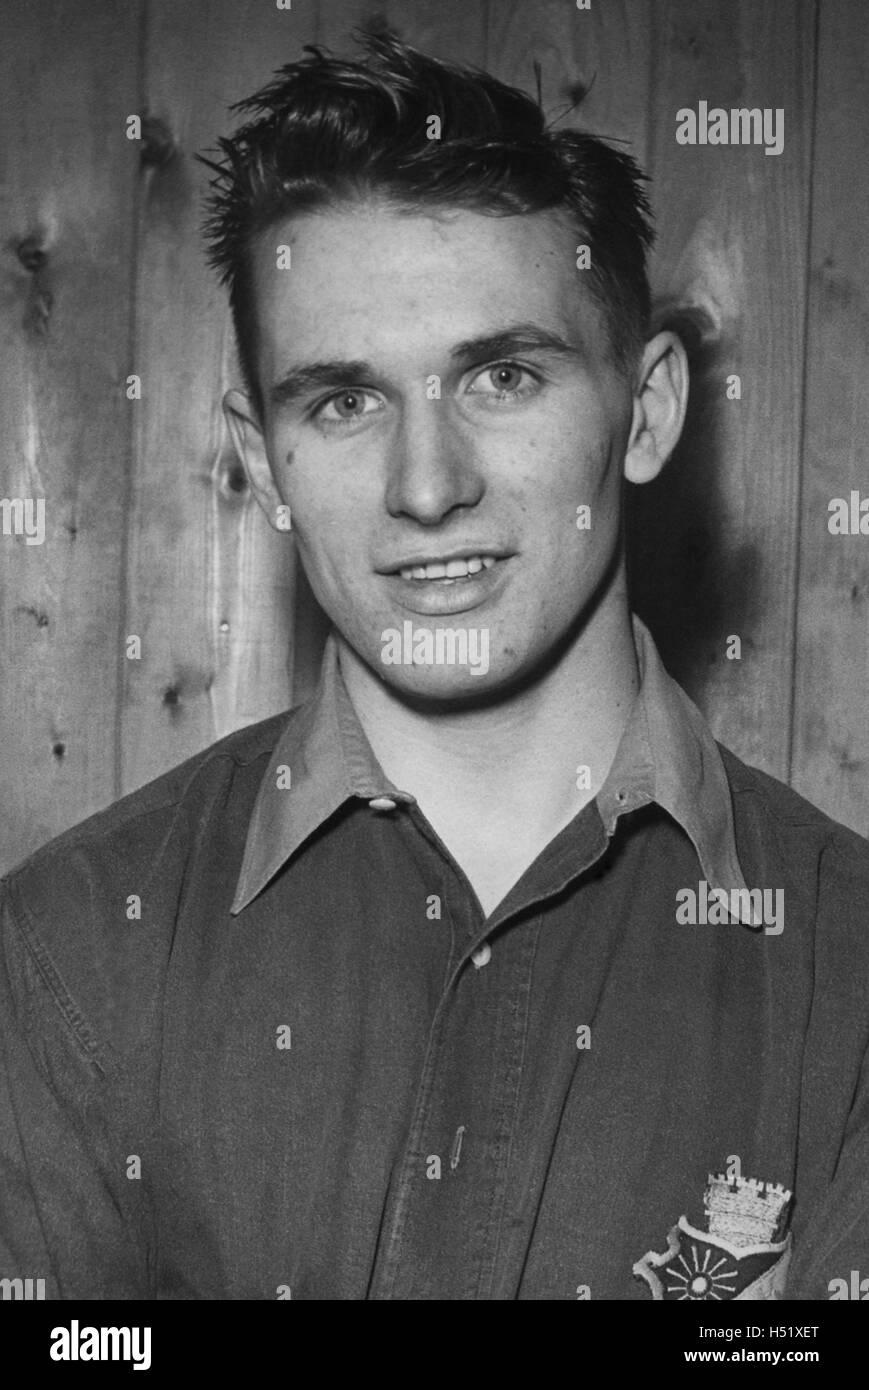 KURT HAMRIN young football player in Swedish AIK then silver Stock